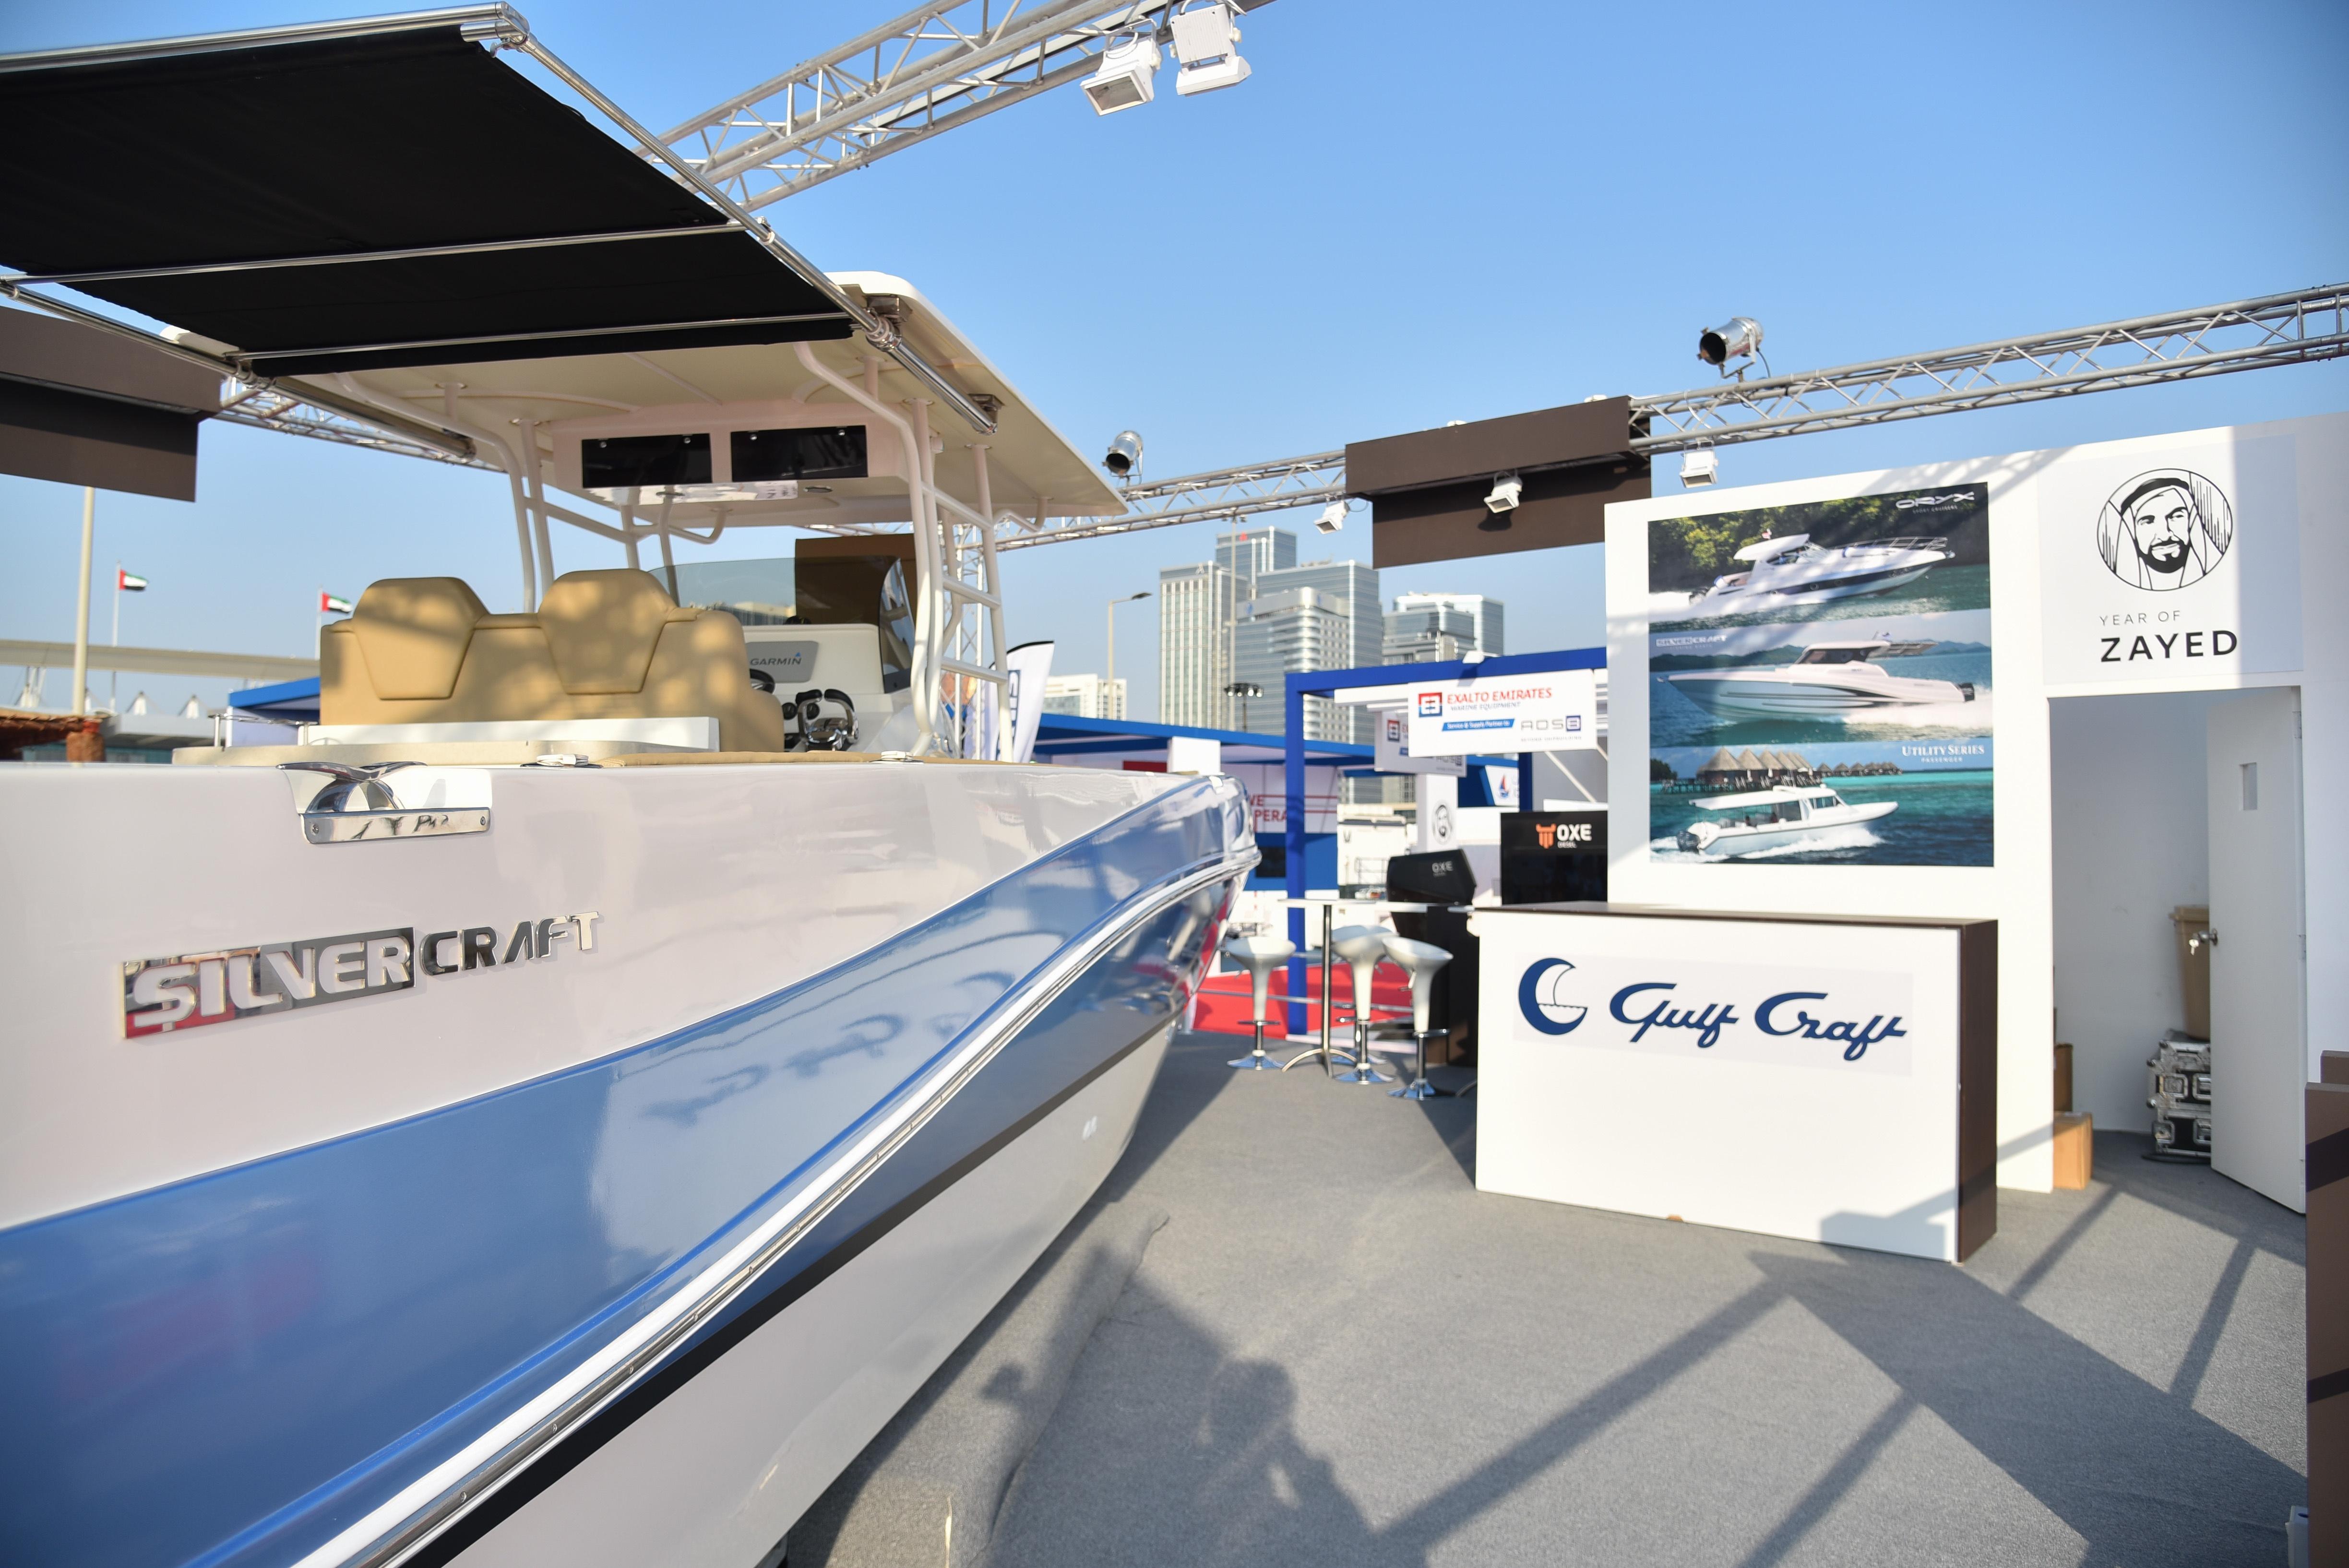 Gulf Craft, Abu Dhabi Boat Show 2018 (15).jpg